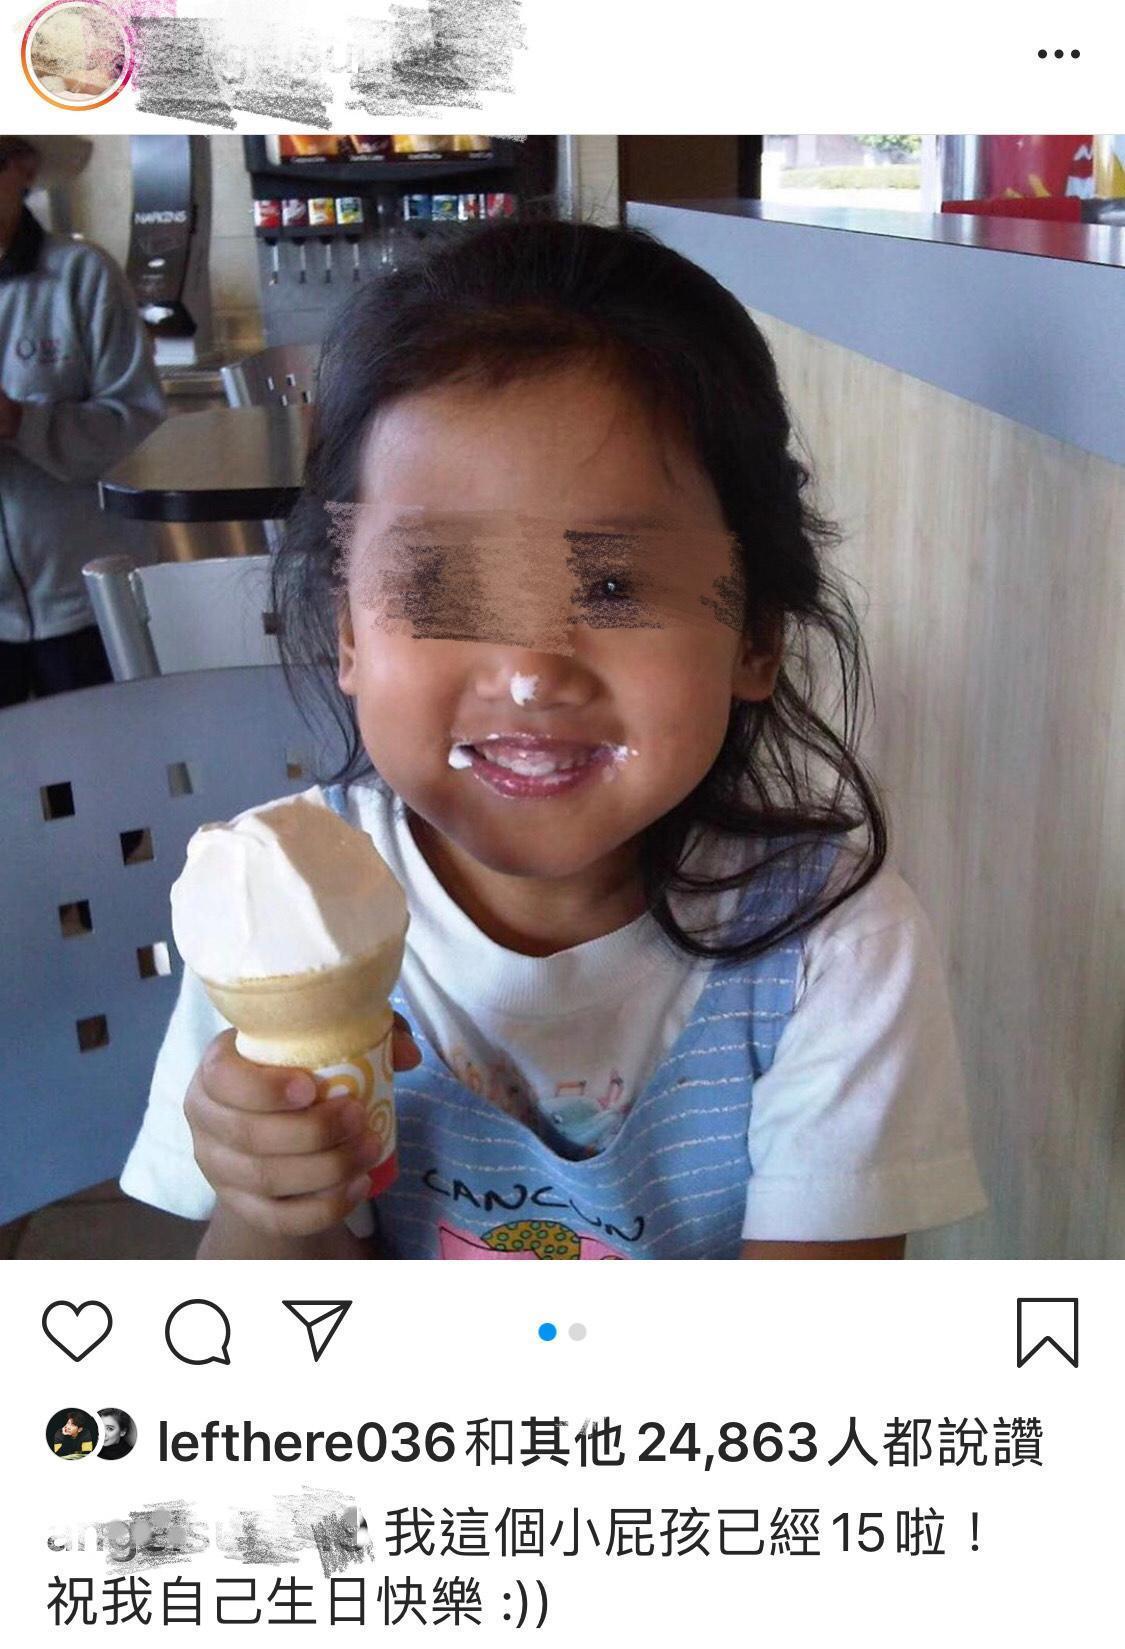 梧桐妹在私人IG貼出自己小時候照片,並祝福自己15歲生日快樂。為保護未成年者,照片經馬賽克處理(翻攝自梧桐妹IG)